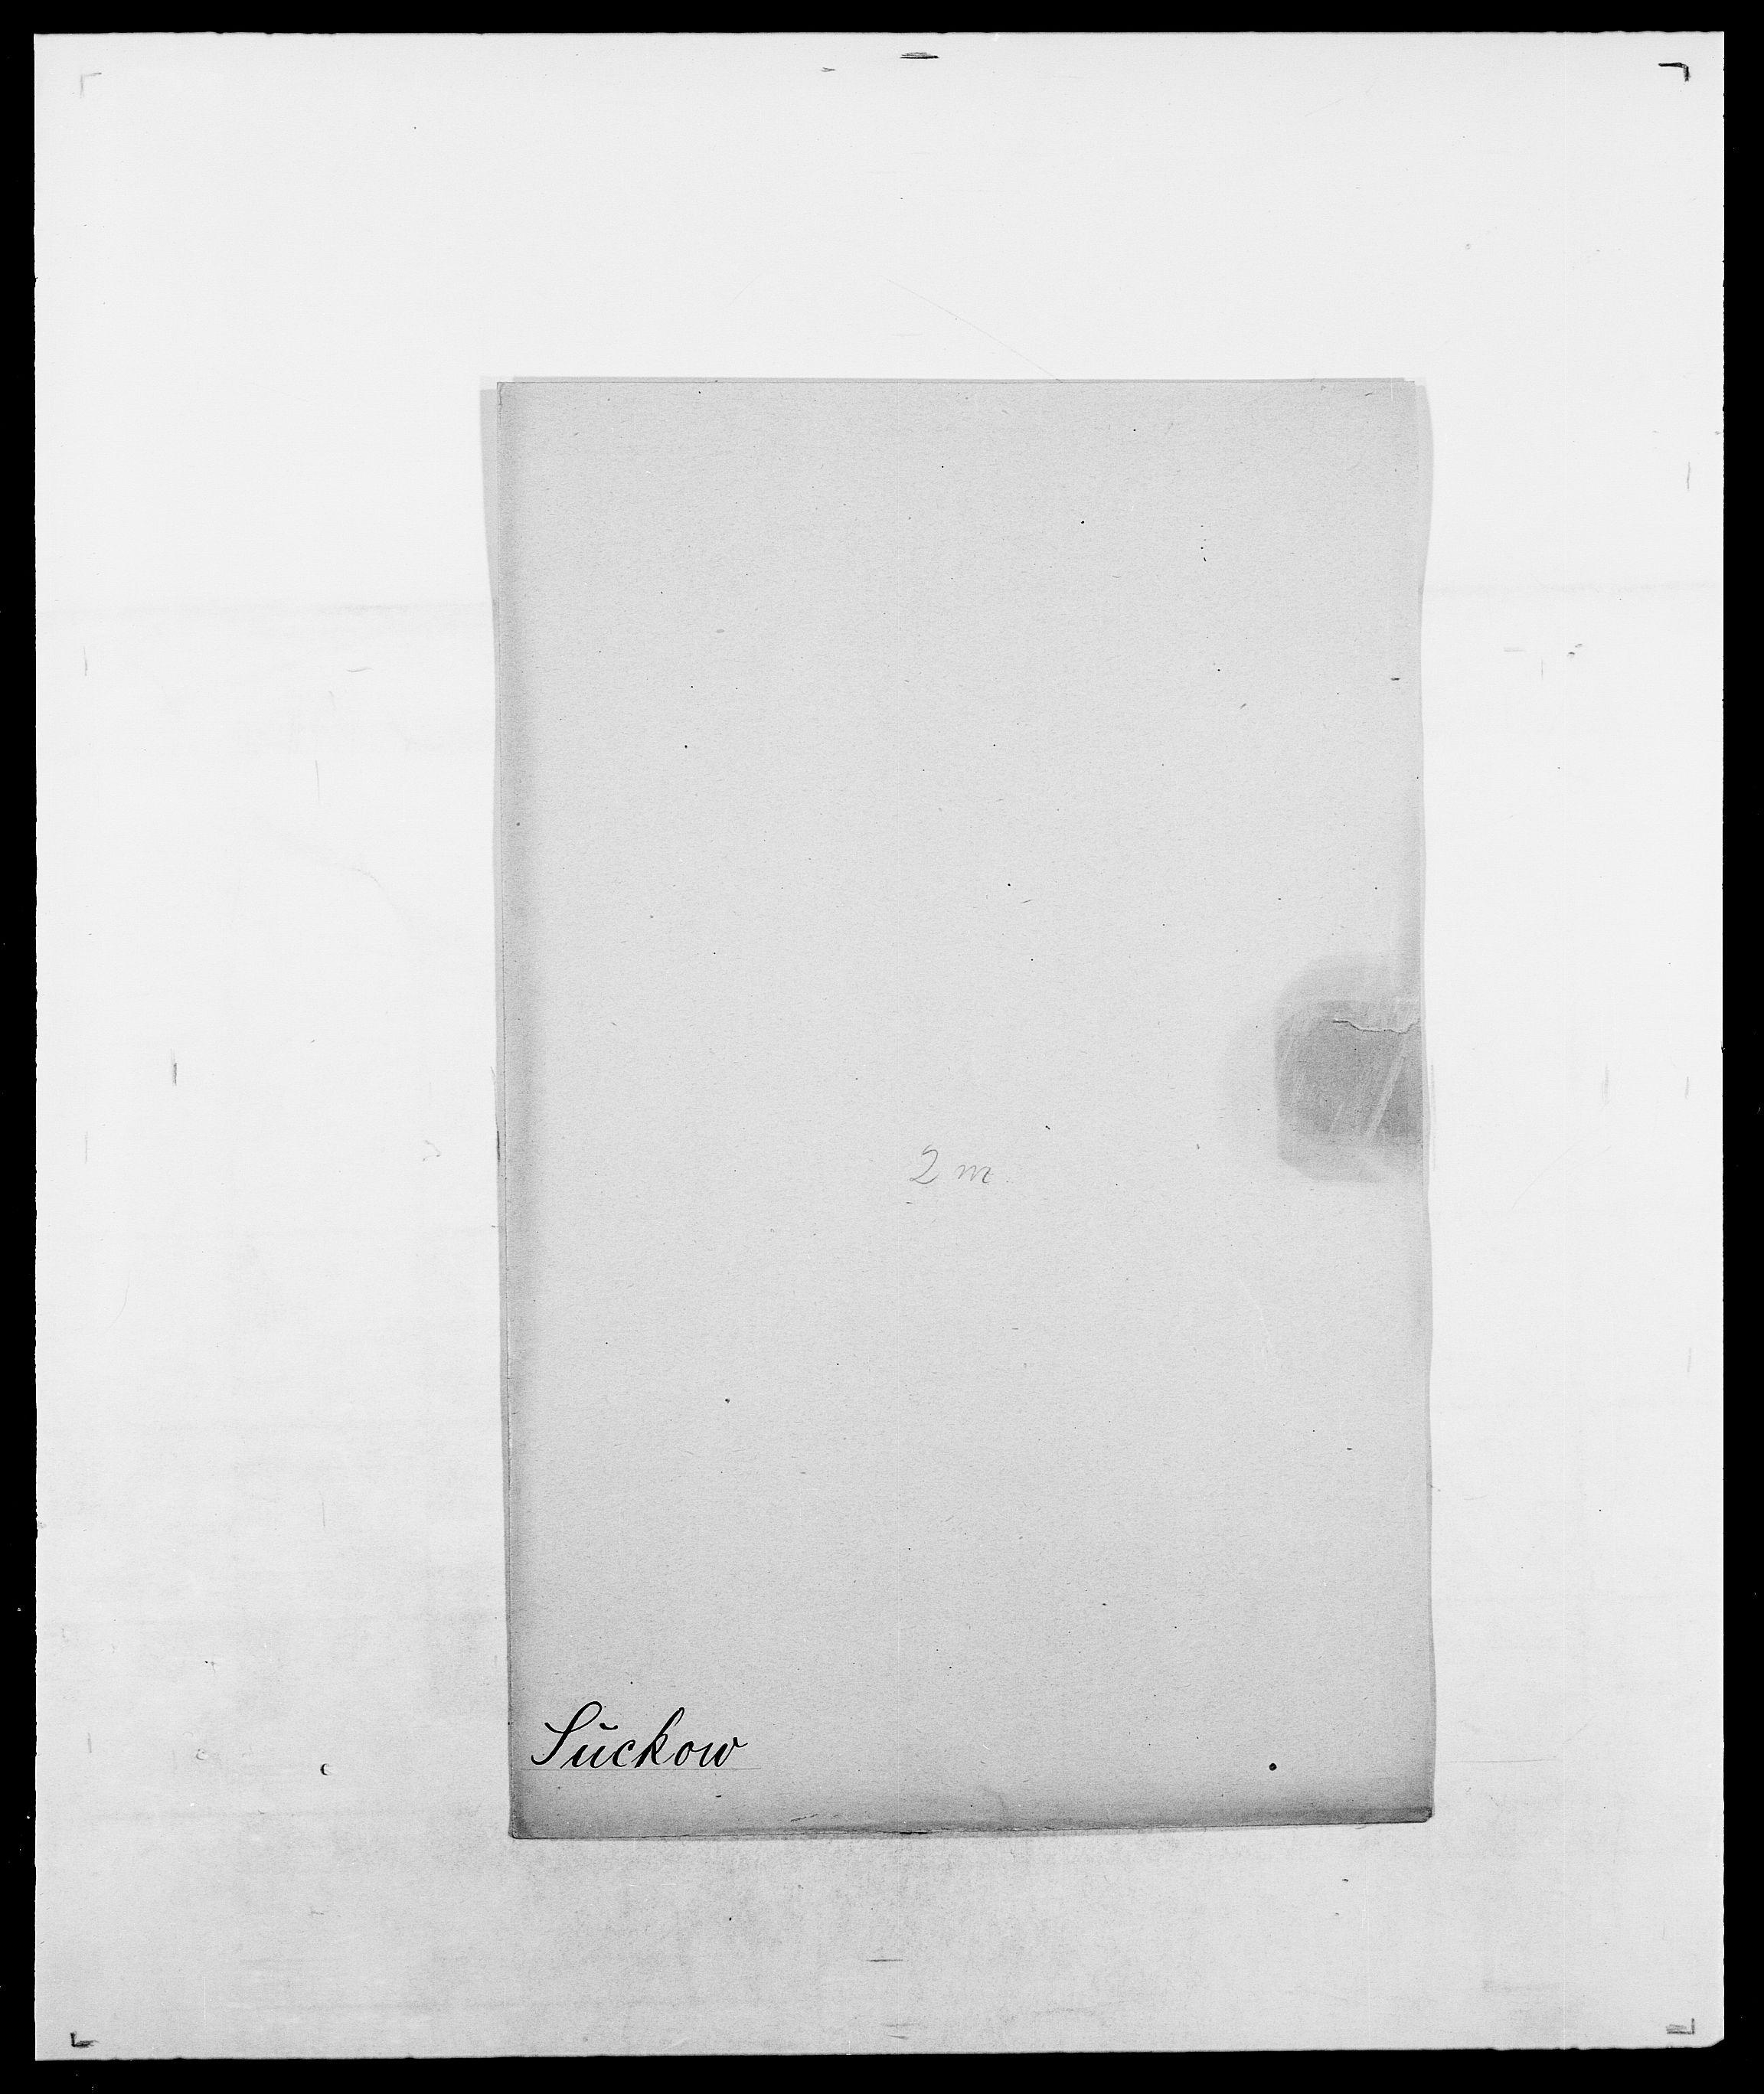 SAO, Delgobe, Charles Antoine - samling, D/Da/L0037: Steen, Sthen, Stein - Svare, Svanige, Svanne, se også Svanning og Schwane, s. 868